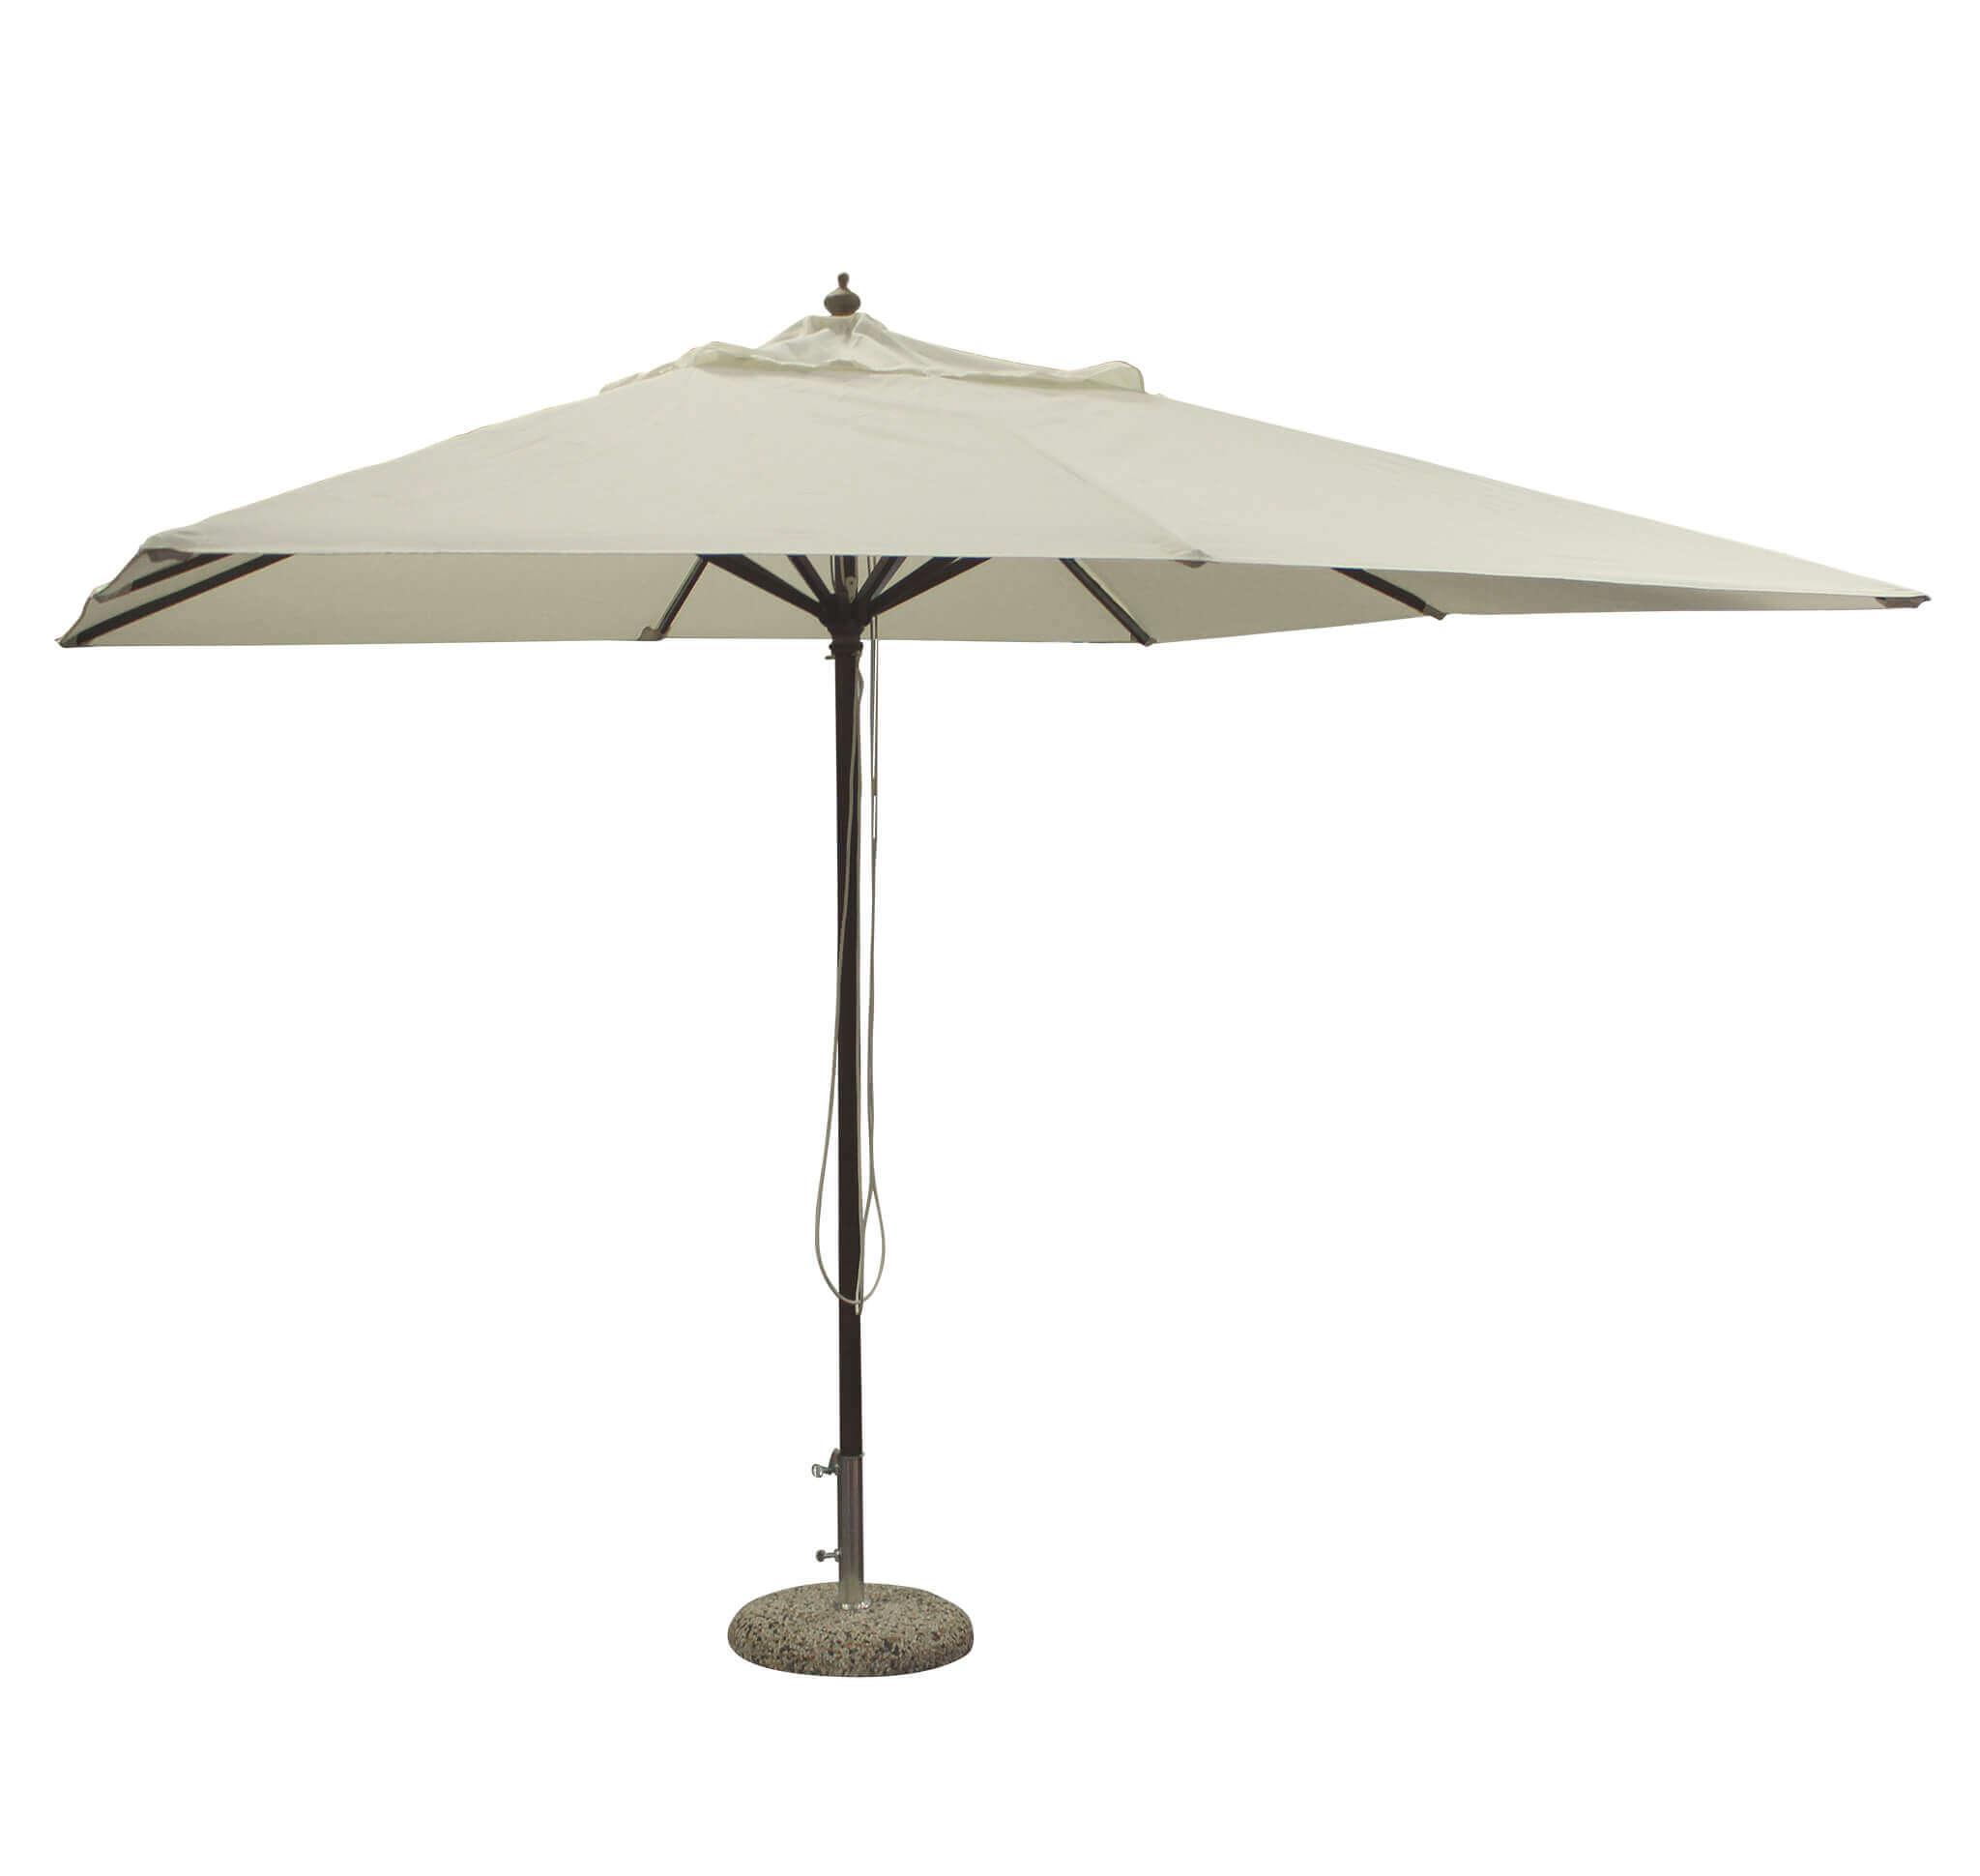 milani home status - ombrellone da giardino 3x3 palo centrale in legno